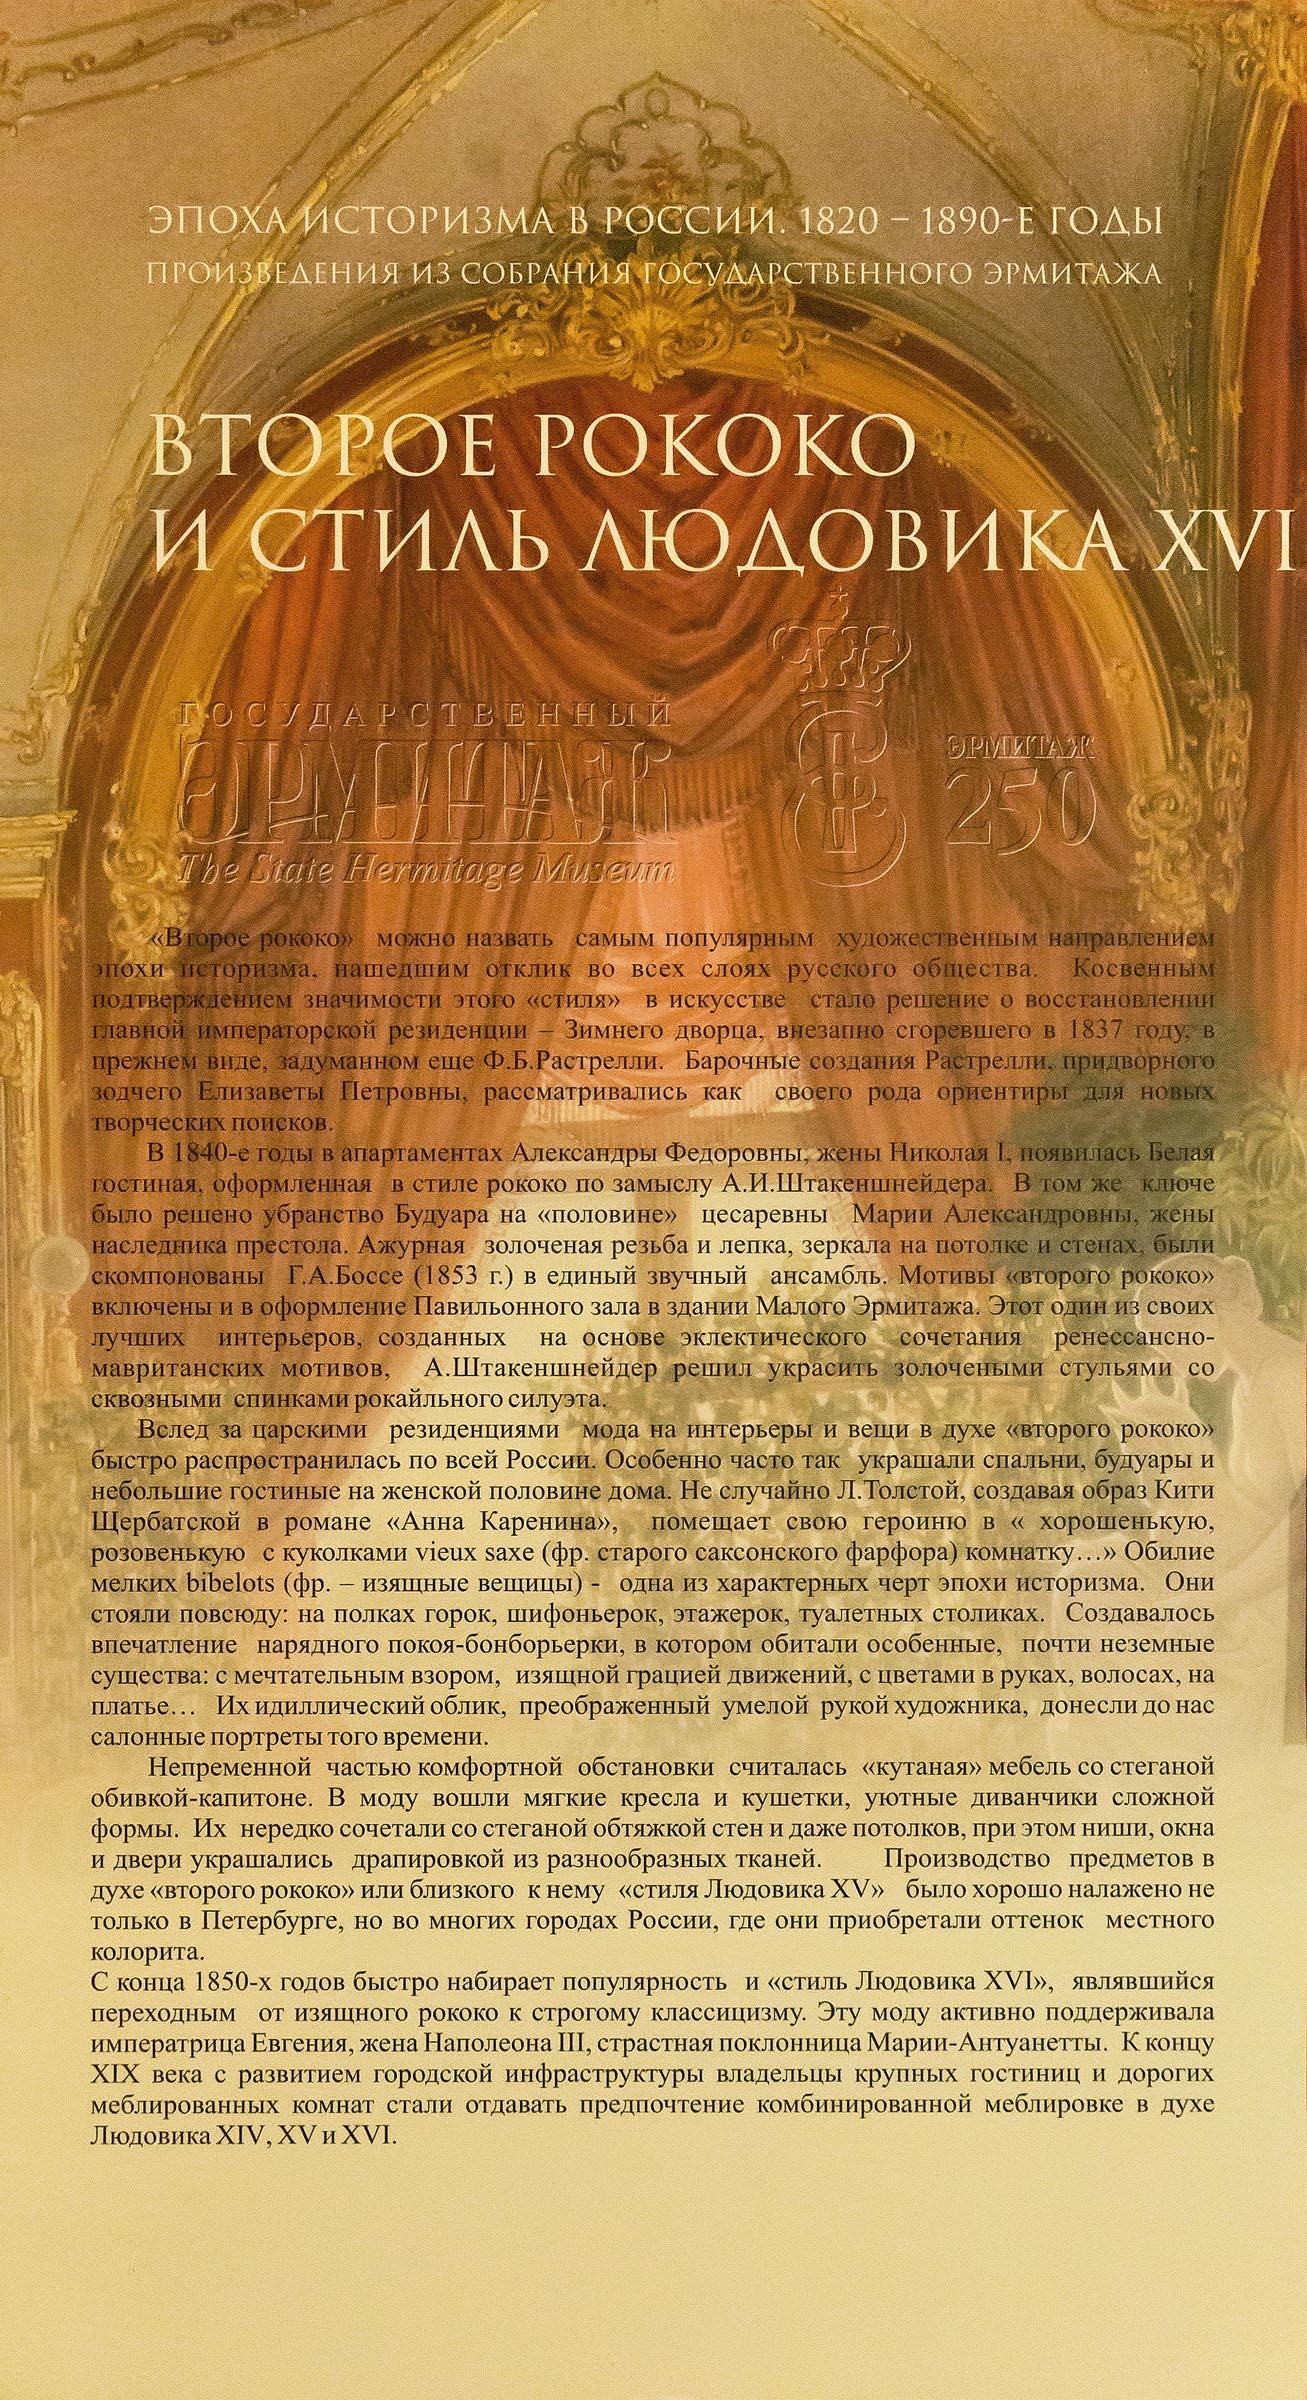 Фото №739323. Art16.ru Photo archive